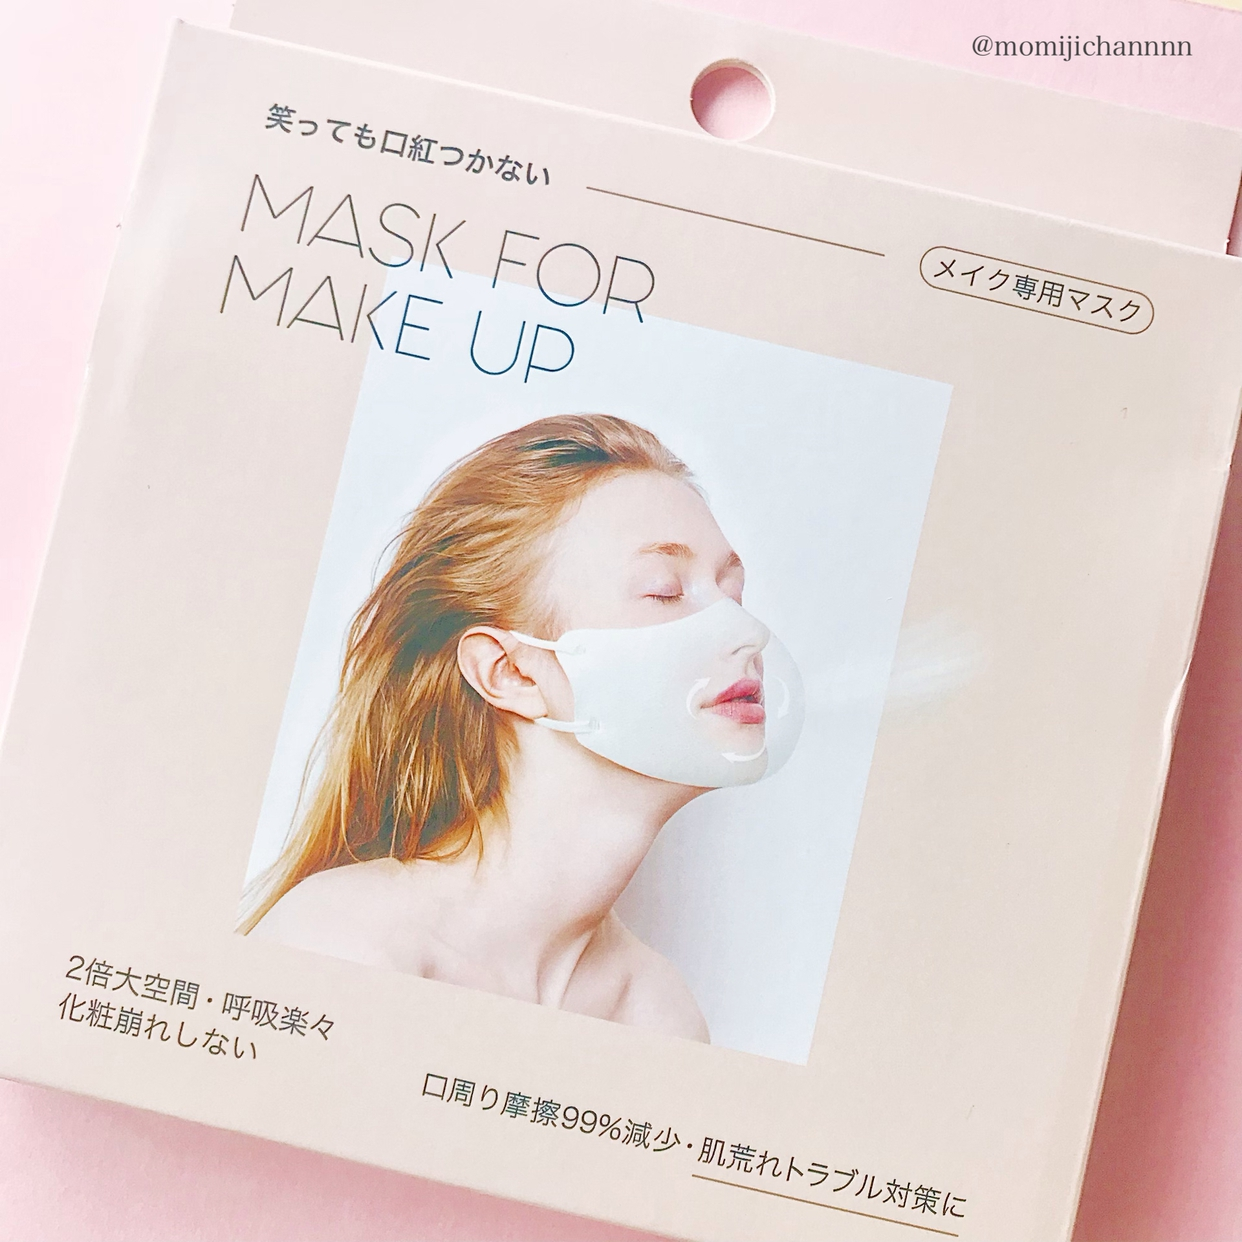 BDPマスク(ビーディーピー マスク) マスク フォー メイクアップを使った紅葉ちゃんさんのクチコミ画像1